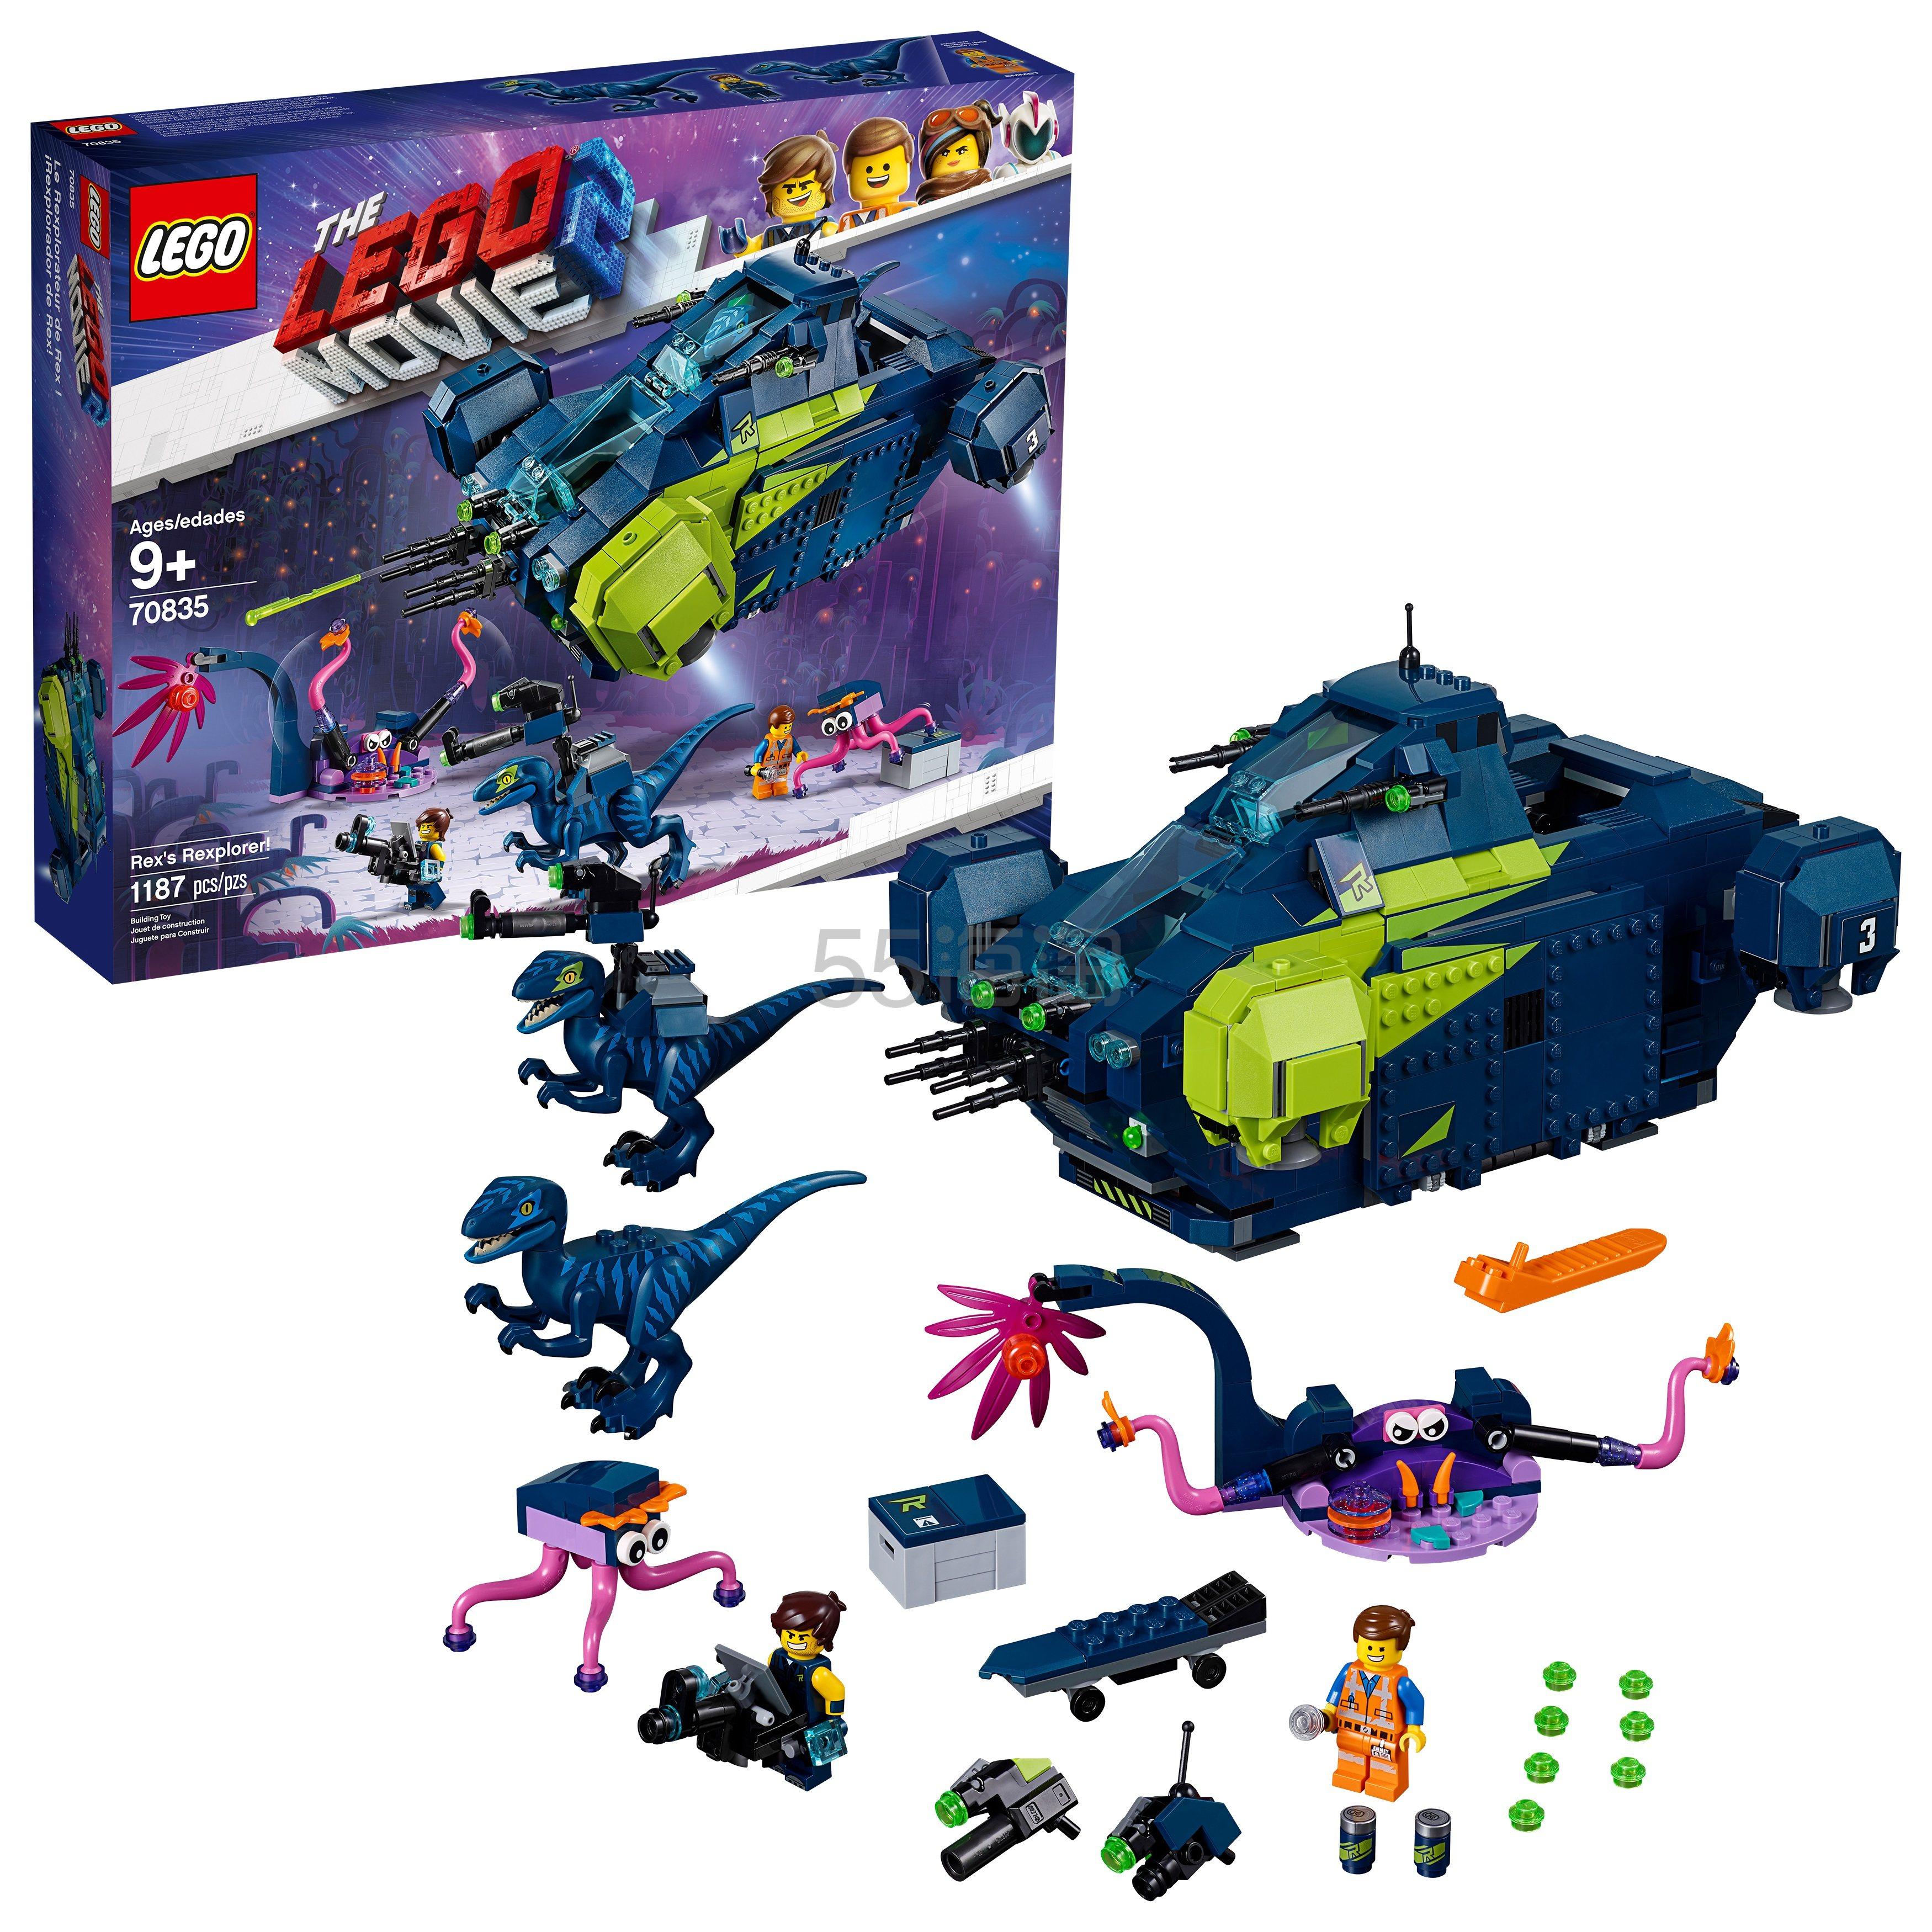 史低价!LEGO 乐高 大电影系列 70835 雷克斯战斗飞船 .99(约404元) - 海淘优惠海淘折扣 55海淘网